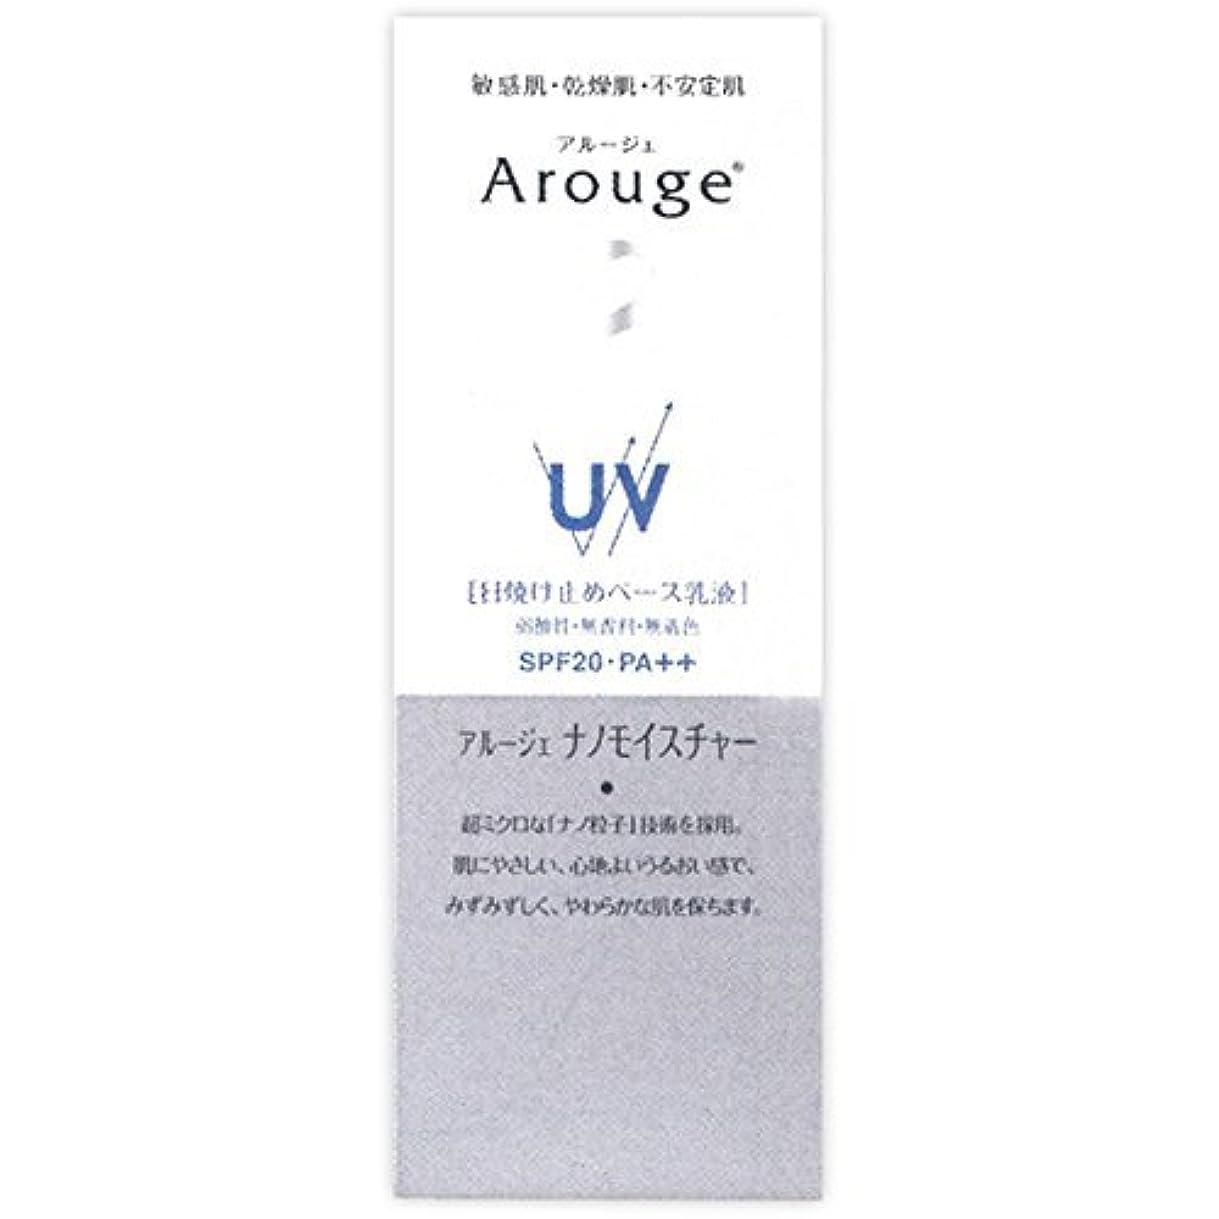 ホイール臨検フクロウアルージェ UV モイストビューティーアップ日焼け止めベース乳液25g (SPF20?PA++)